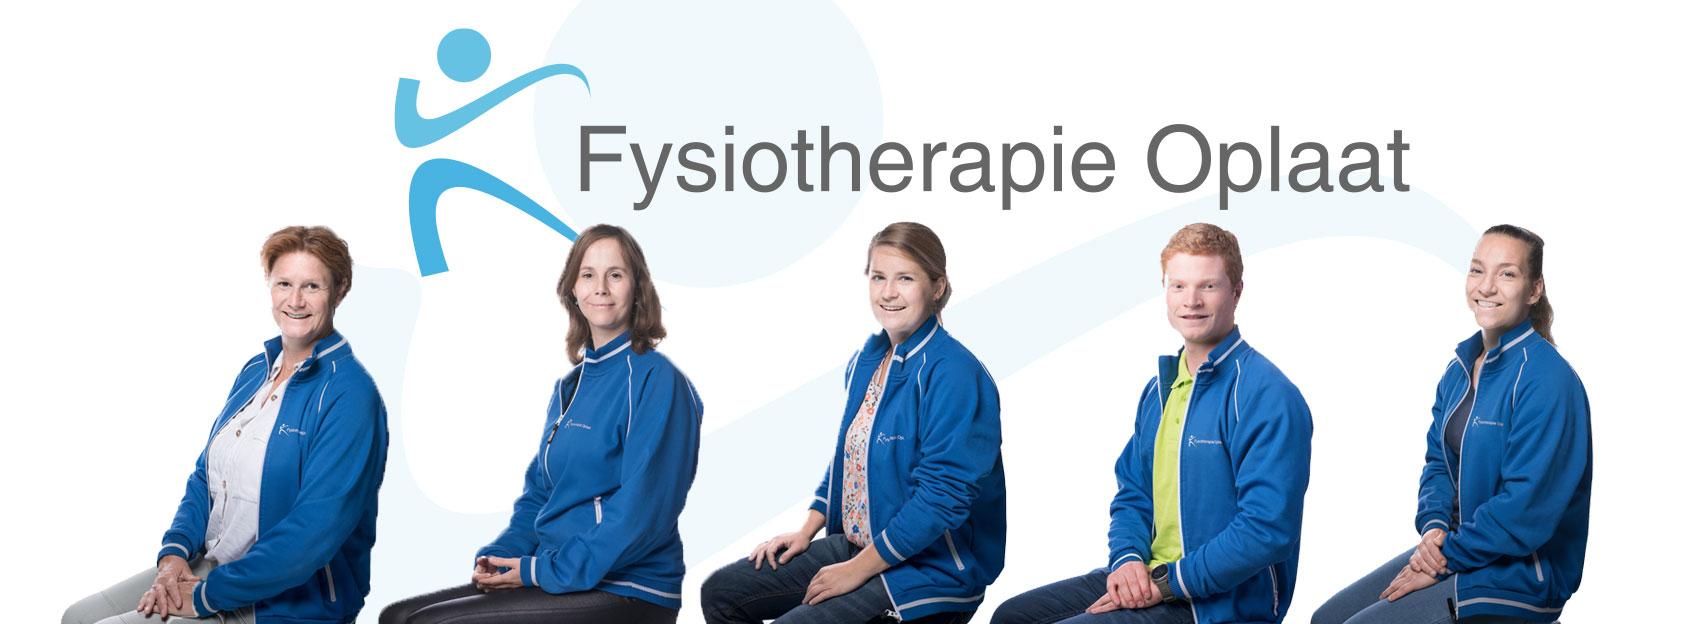 Fysiotherapie Oplaat